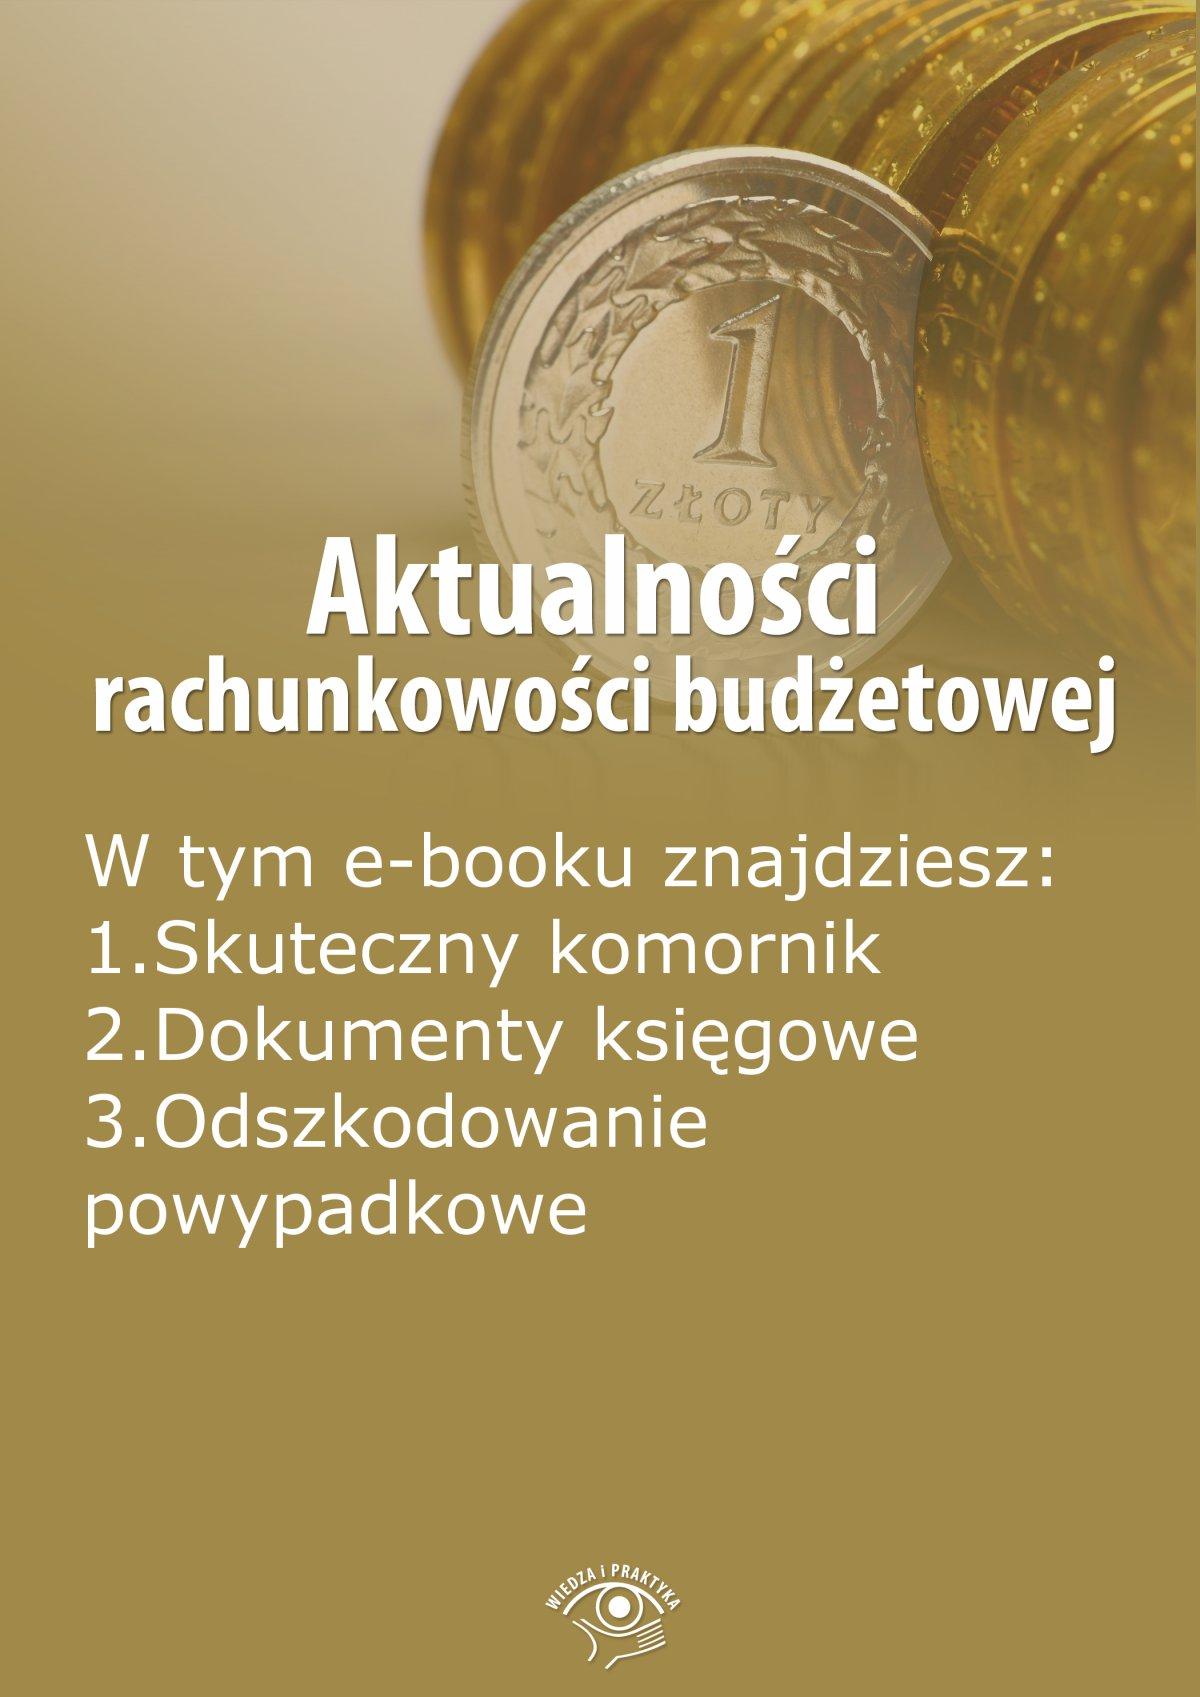 Aktualności rachunkowości budżetowej, wydanie lipiec 2014 r. - Ebook (Książka EPUB) do pobrania w formacie EPUB